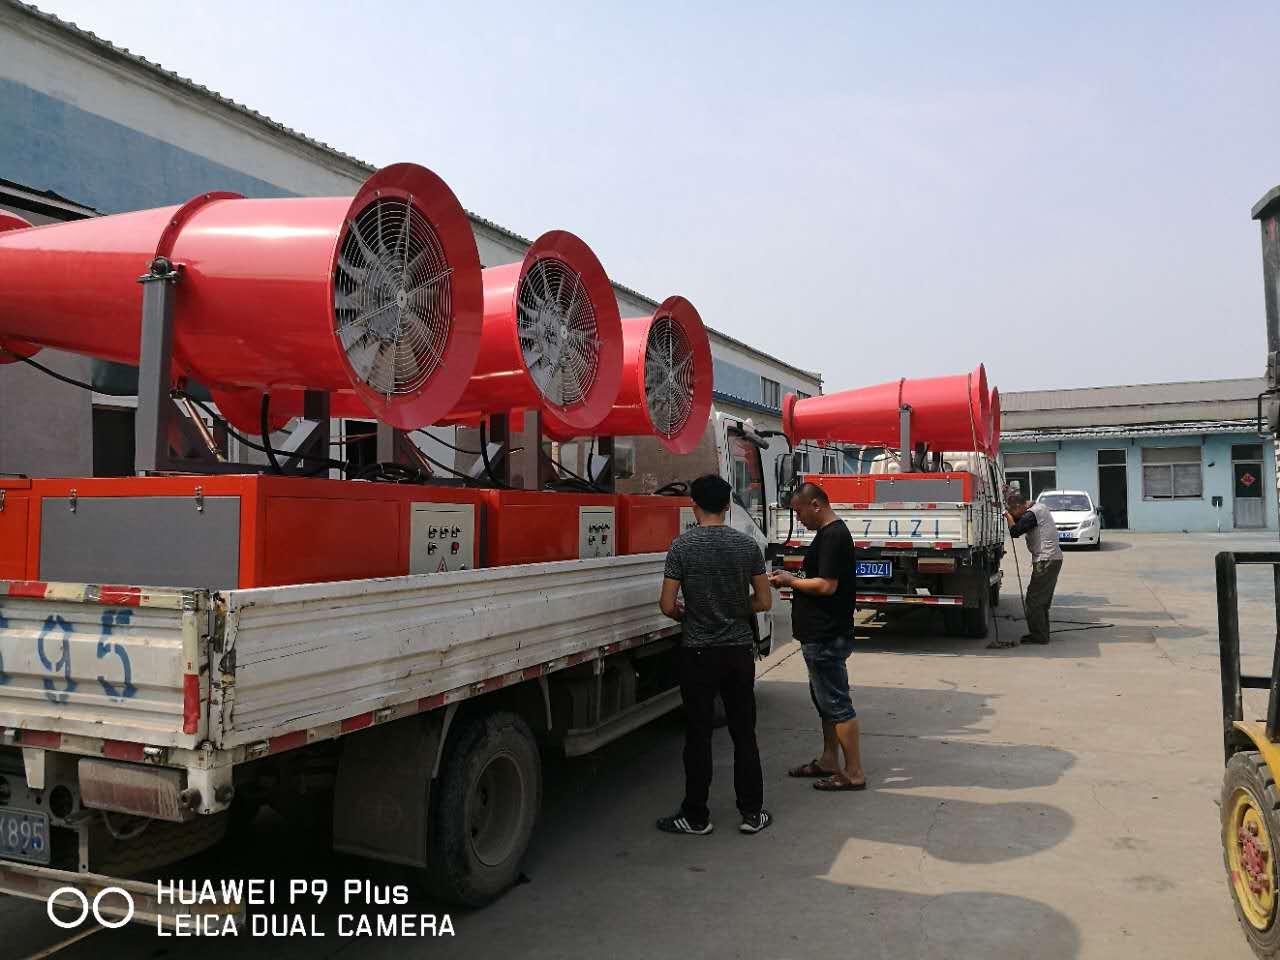 浙江工地降尘喷雾机,公共场所除尘雾炮机,露天物料堆场抑尘装置